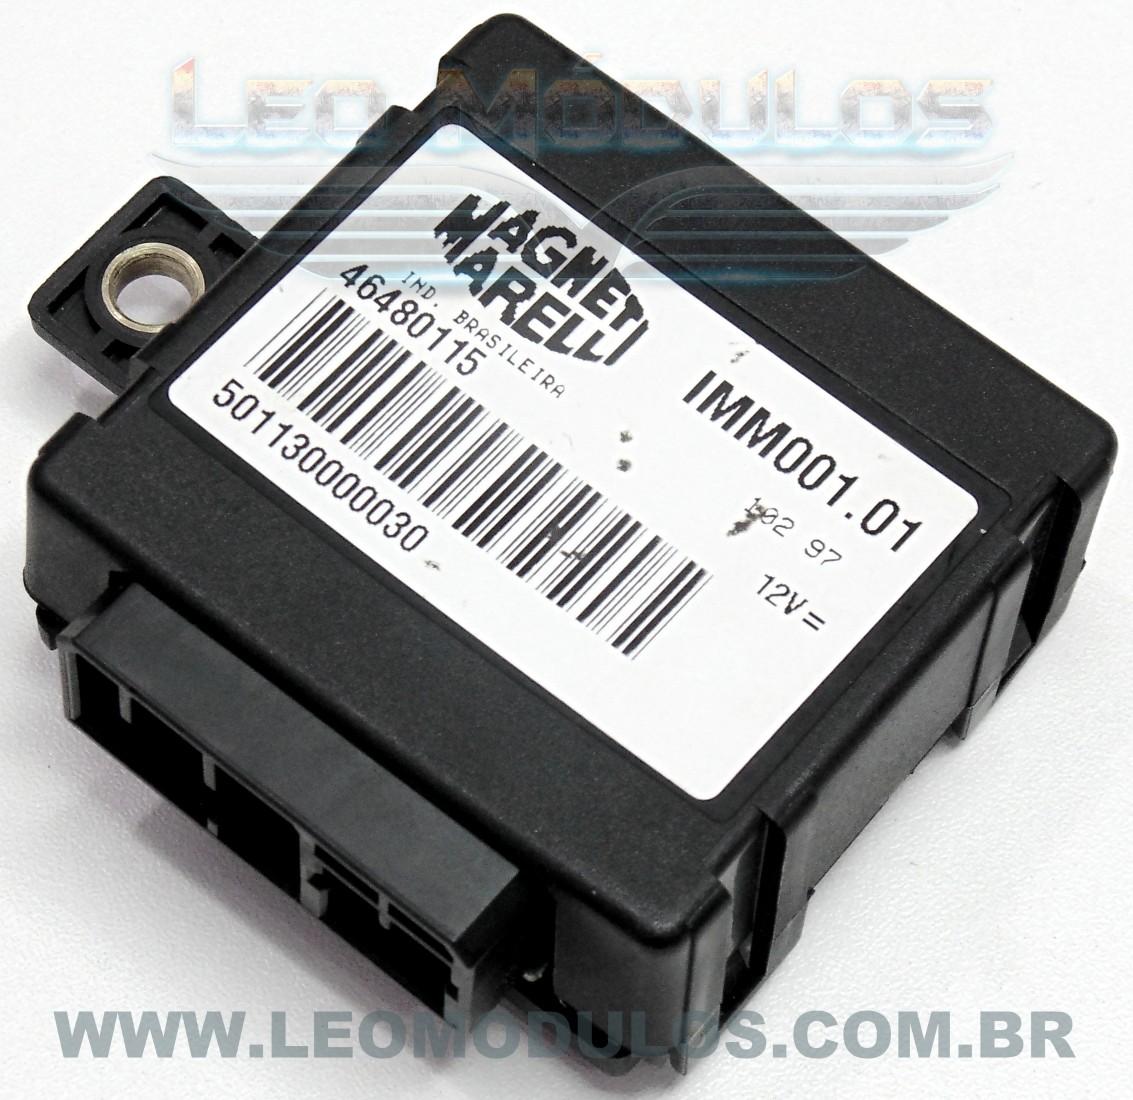 Imobilizador Fiat Caixinha Preta - 49480115 - IM001.01 Immo - Leo Módulos